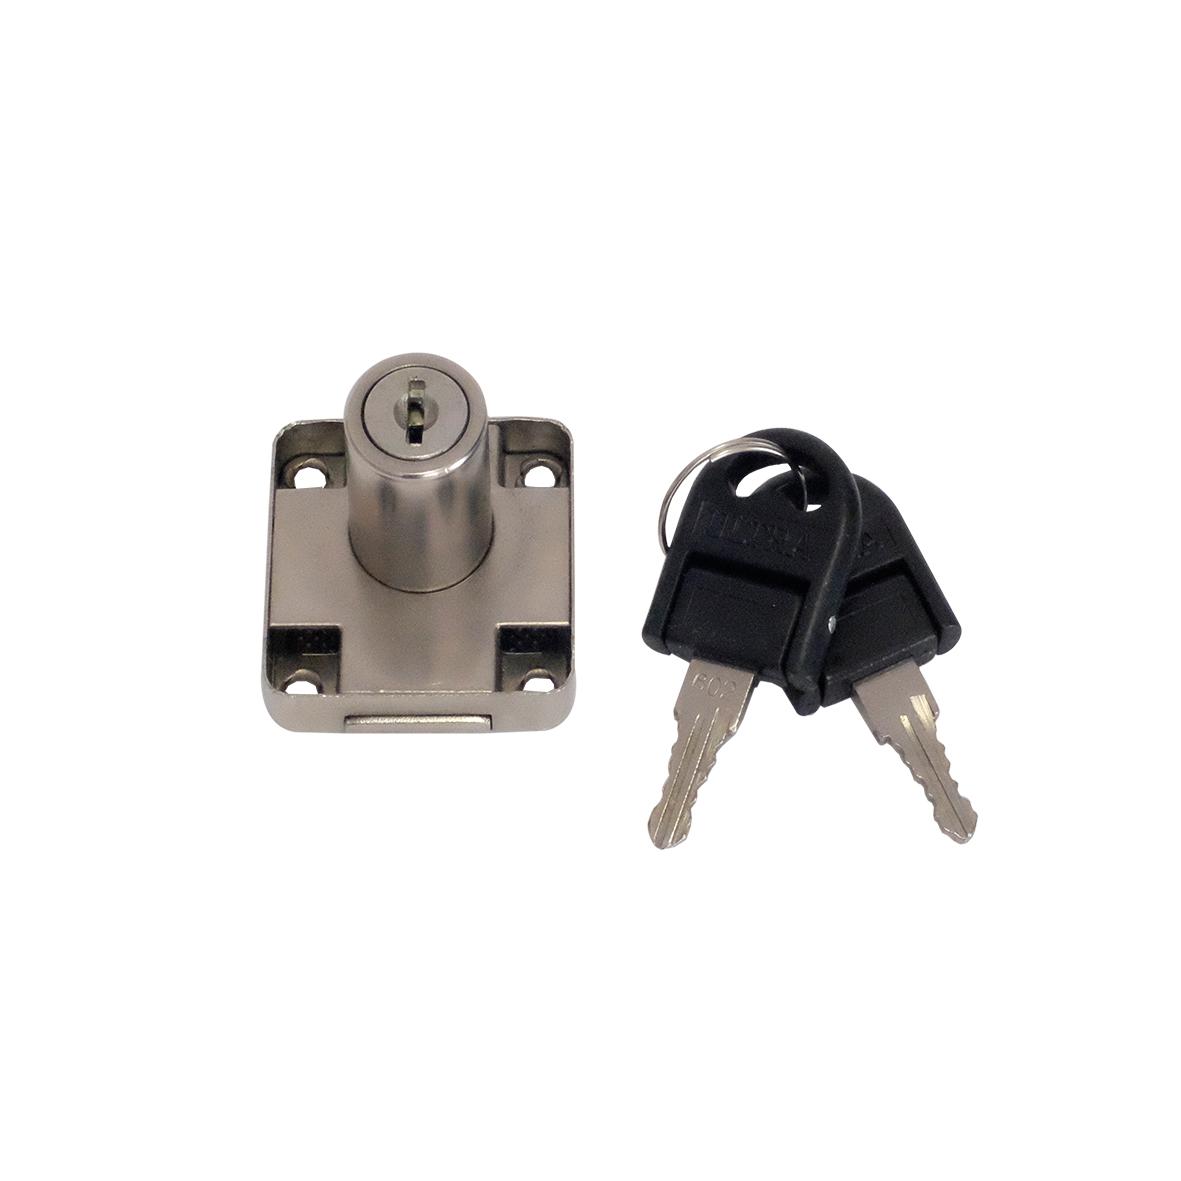 قفل کمد کد 440 بسته 4 عددی              ( قیمت عمده )